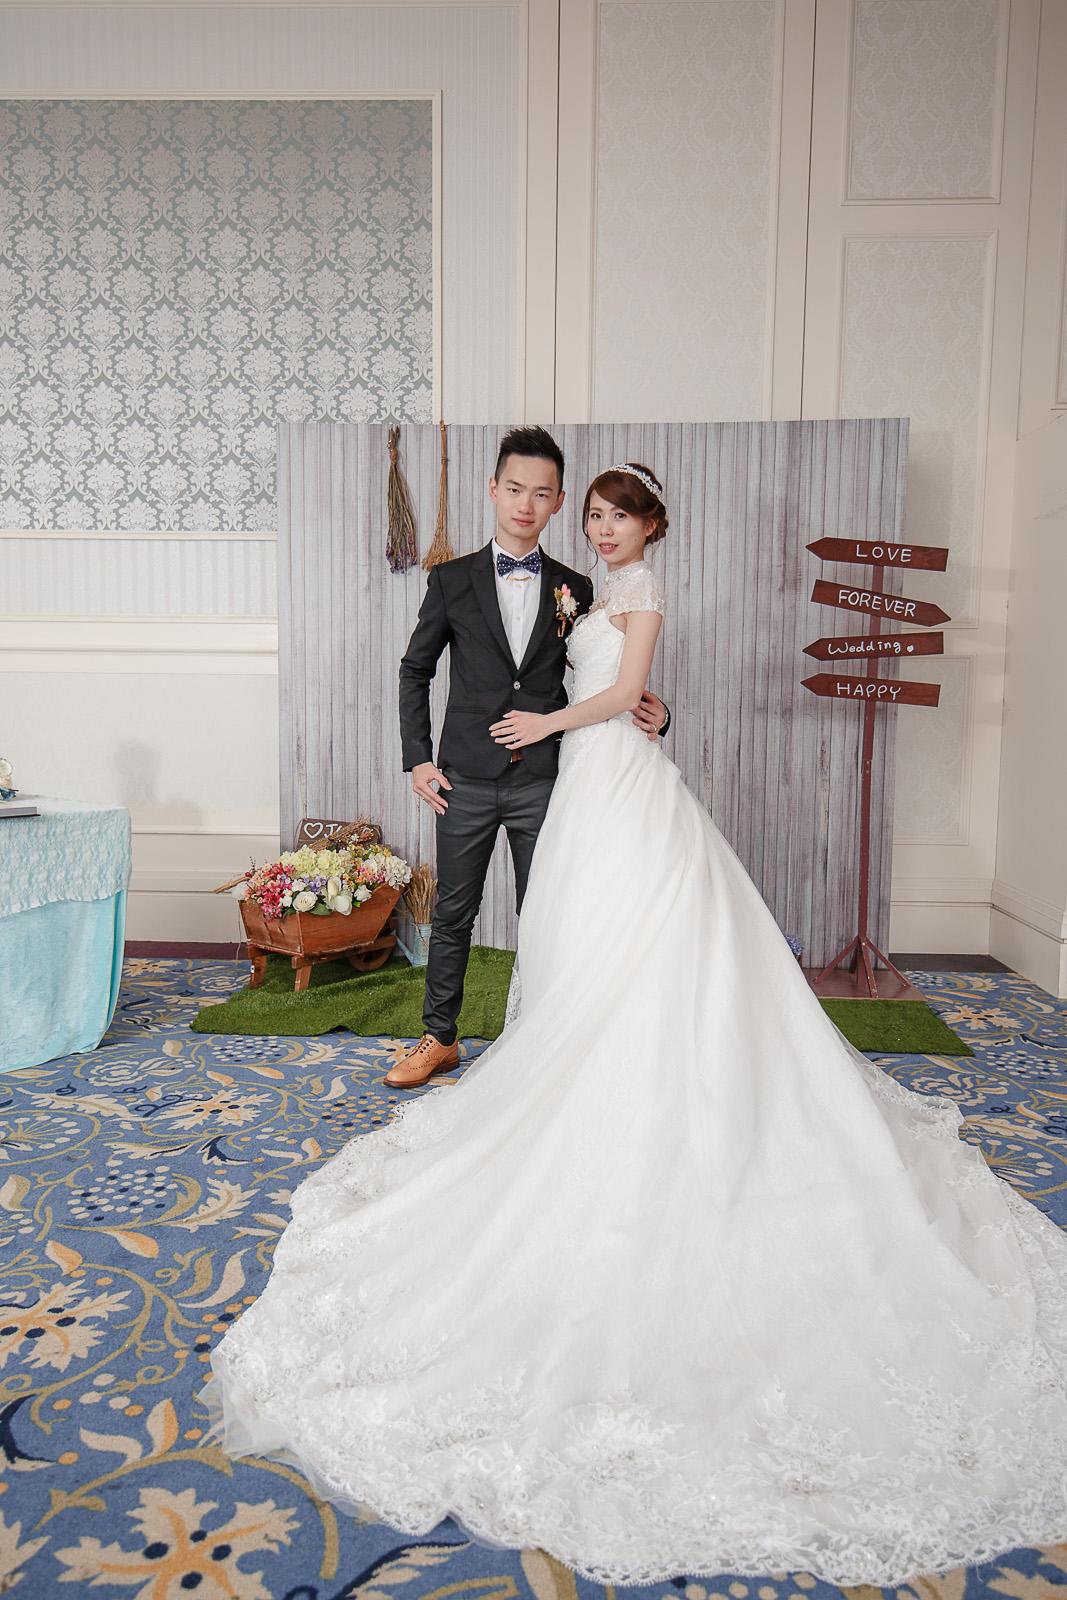 高雄圓山飯店,婚禮攝影,婚攝,高雄婚攝,優質婚攝推薦,Jen&Ethan-268